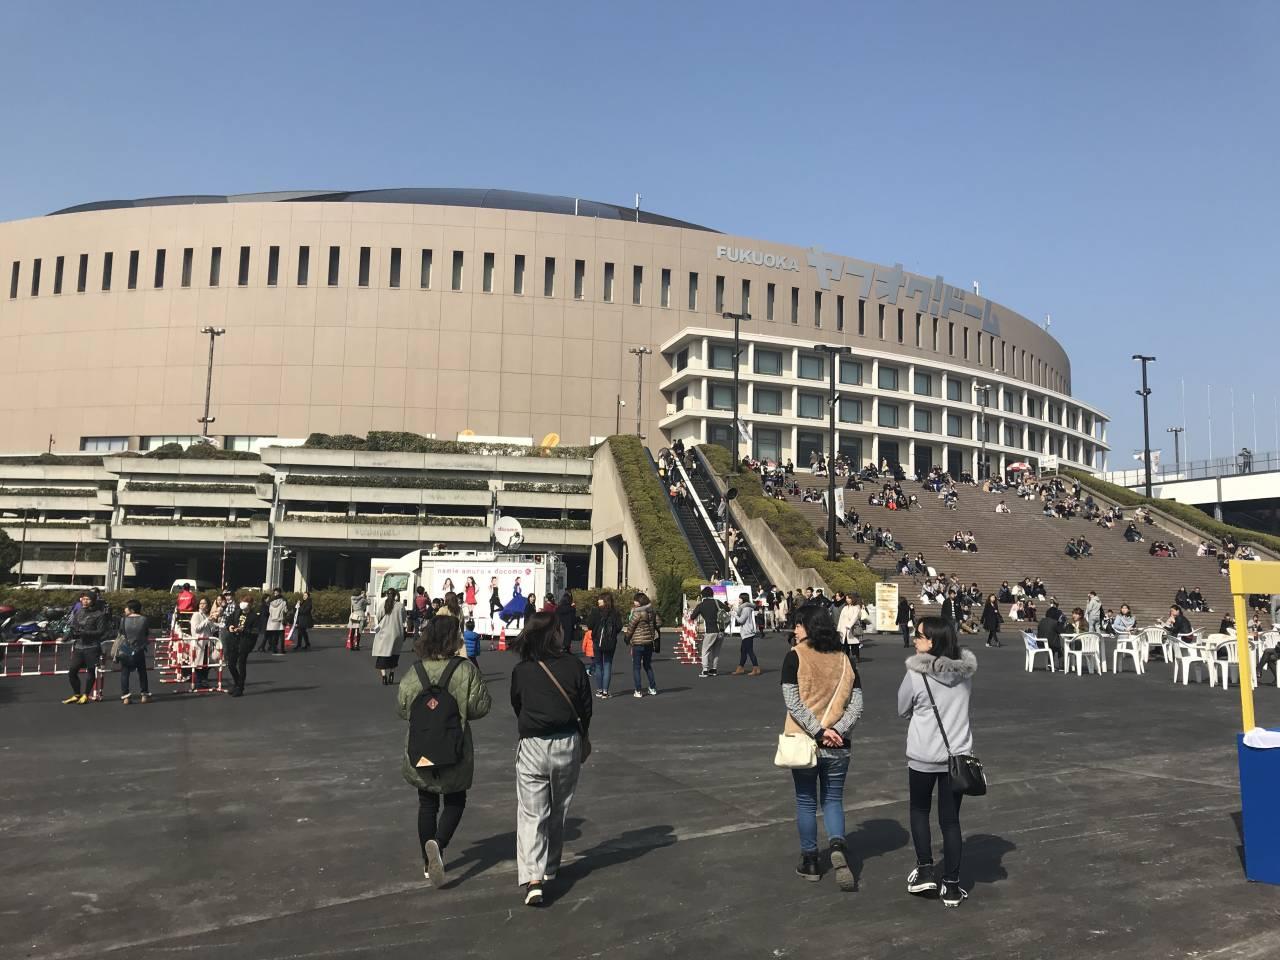 【ネタバレあり/ライブレポ】安室奈美恵 Final Tour 2018 ~Finally~【福岡初日/2018年2月24日】No.2